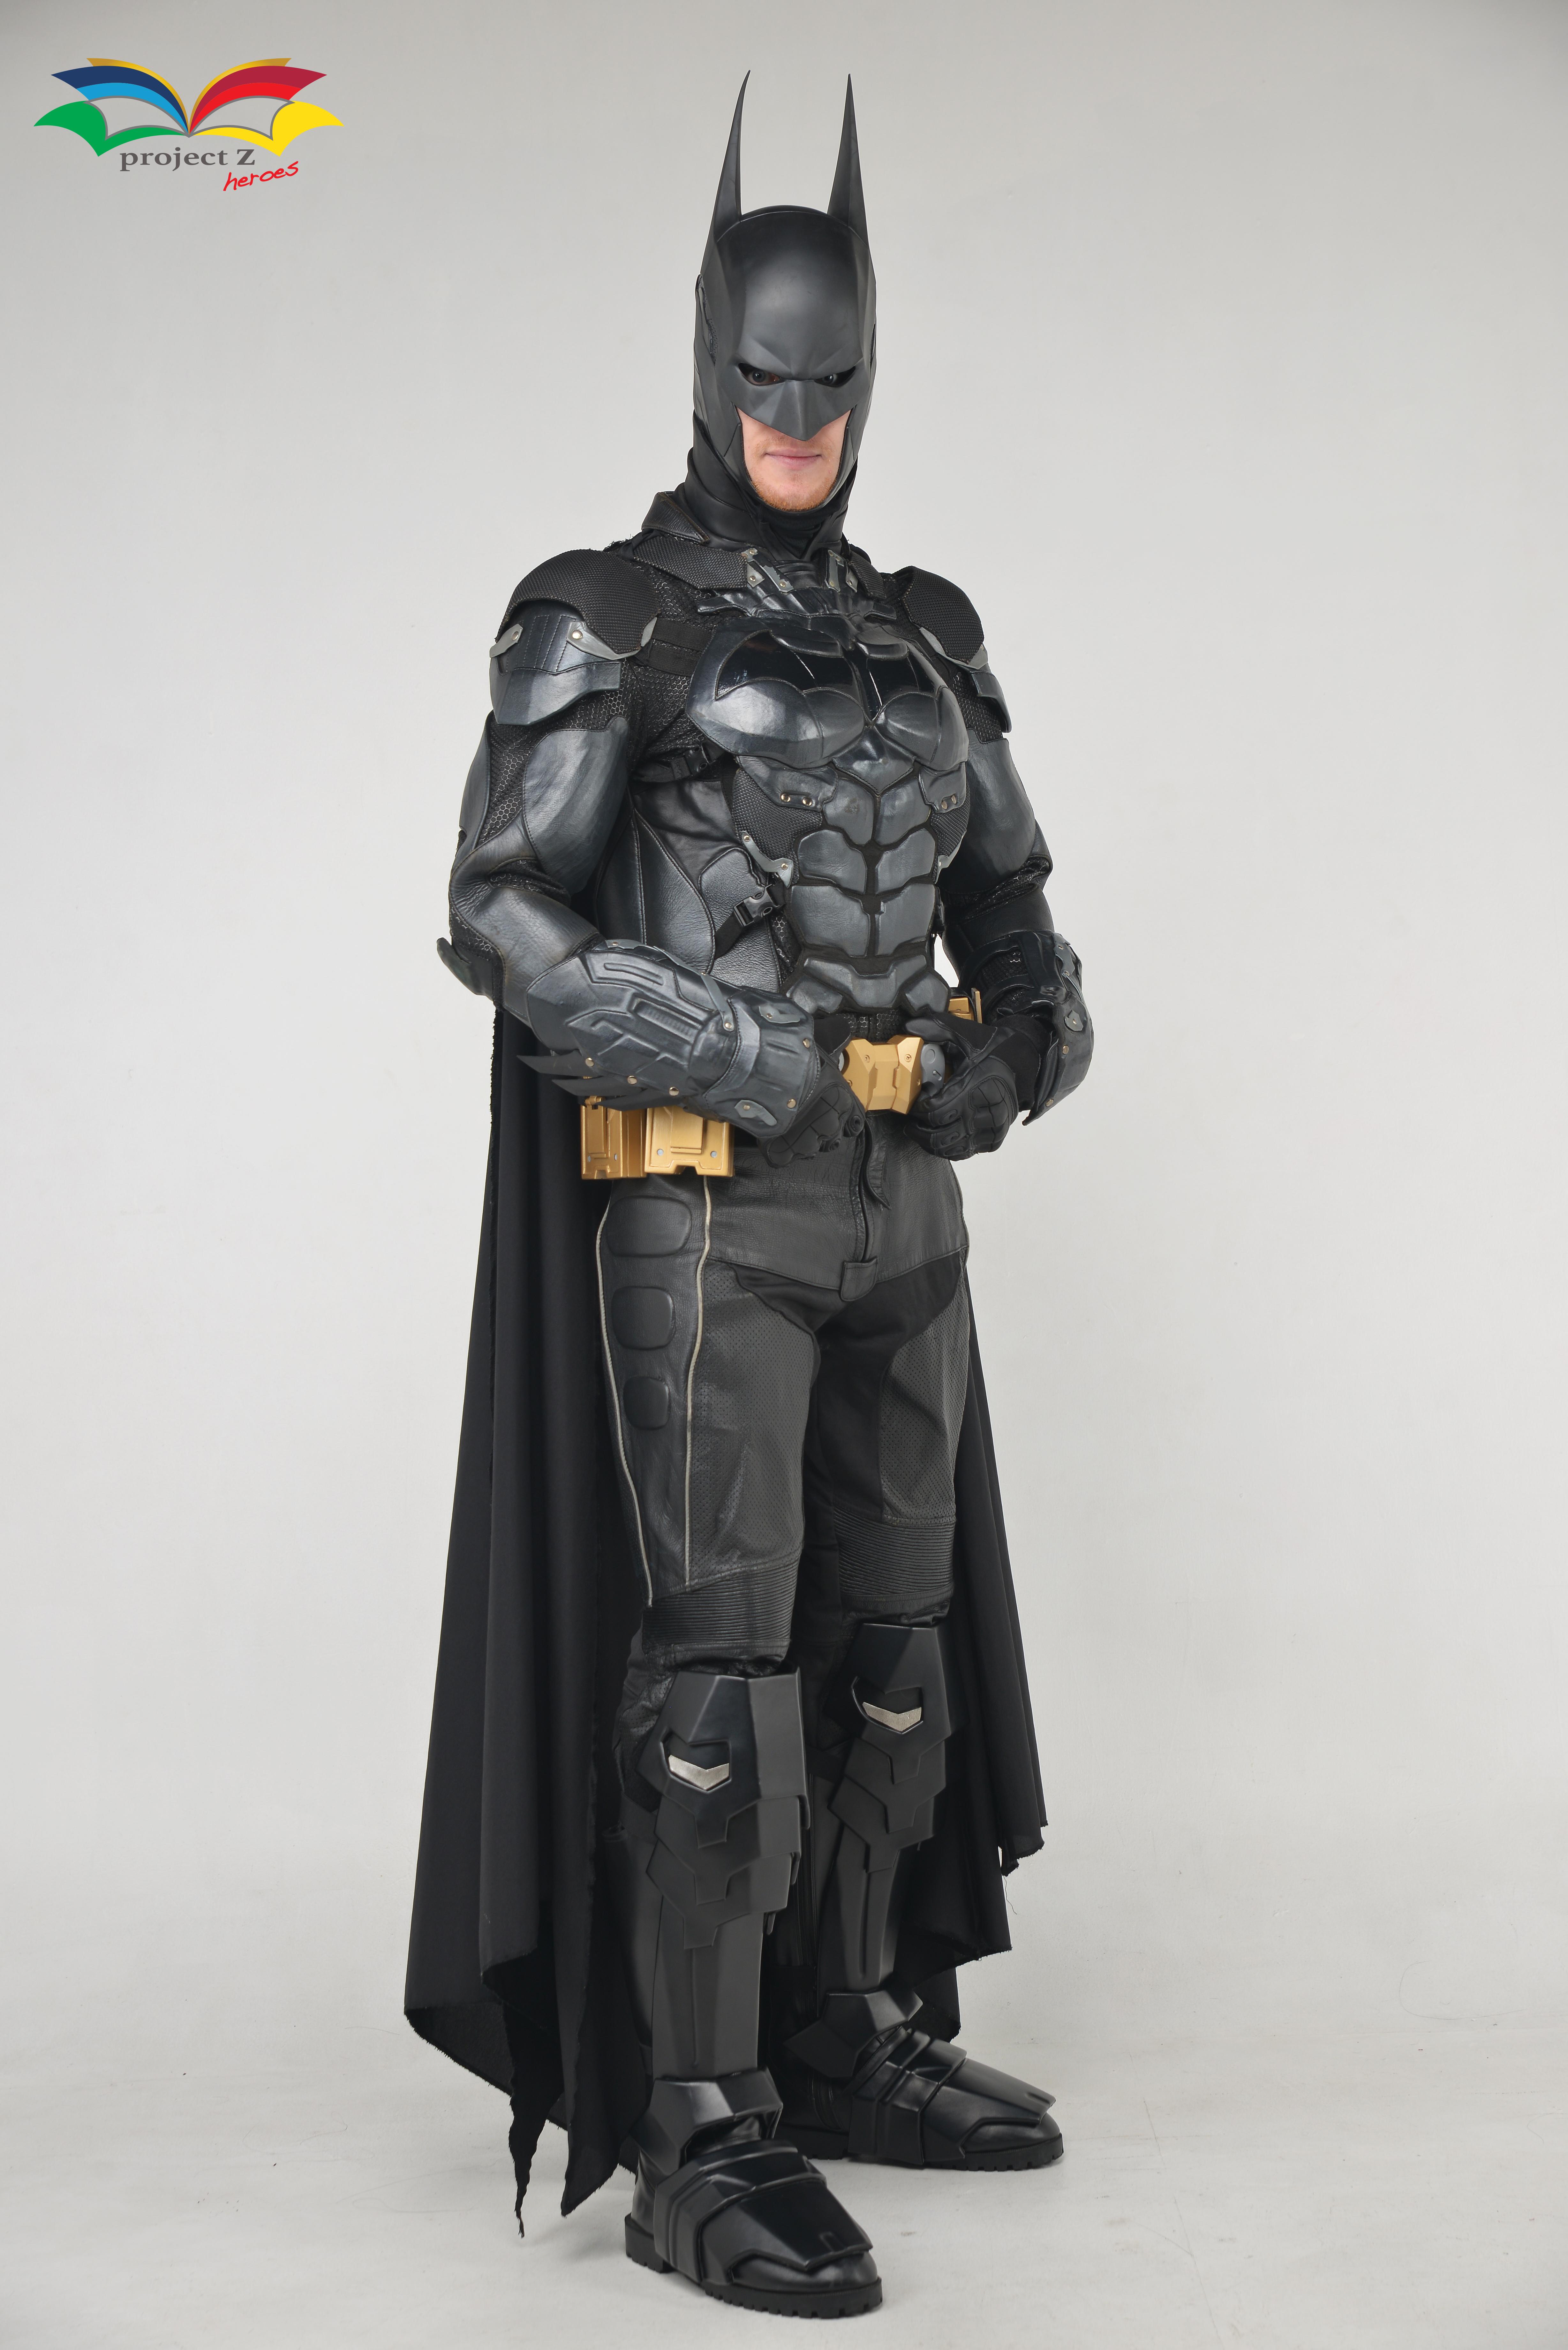 ชุดซุปเปอร์ฮีโร่ ชุด Batman Superhero Co